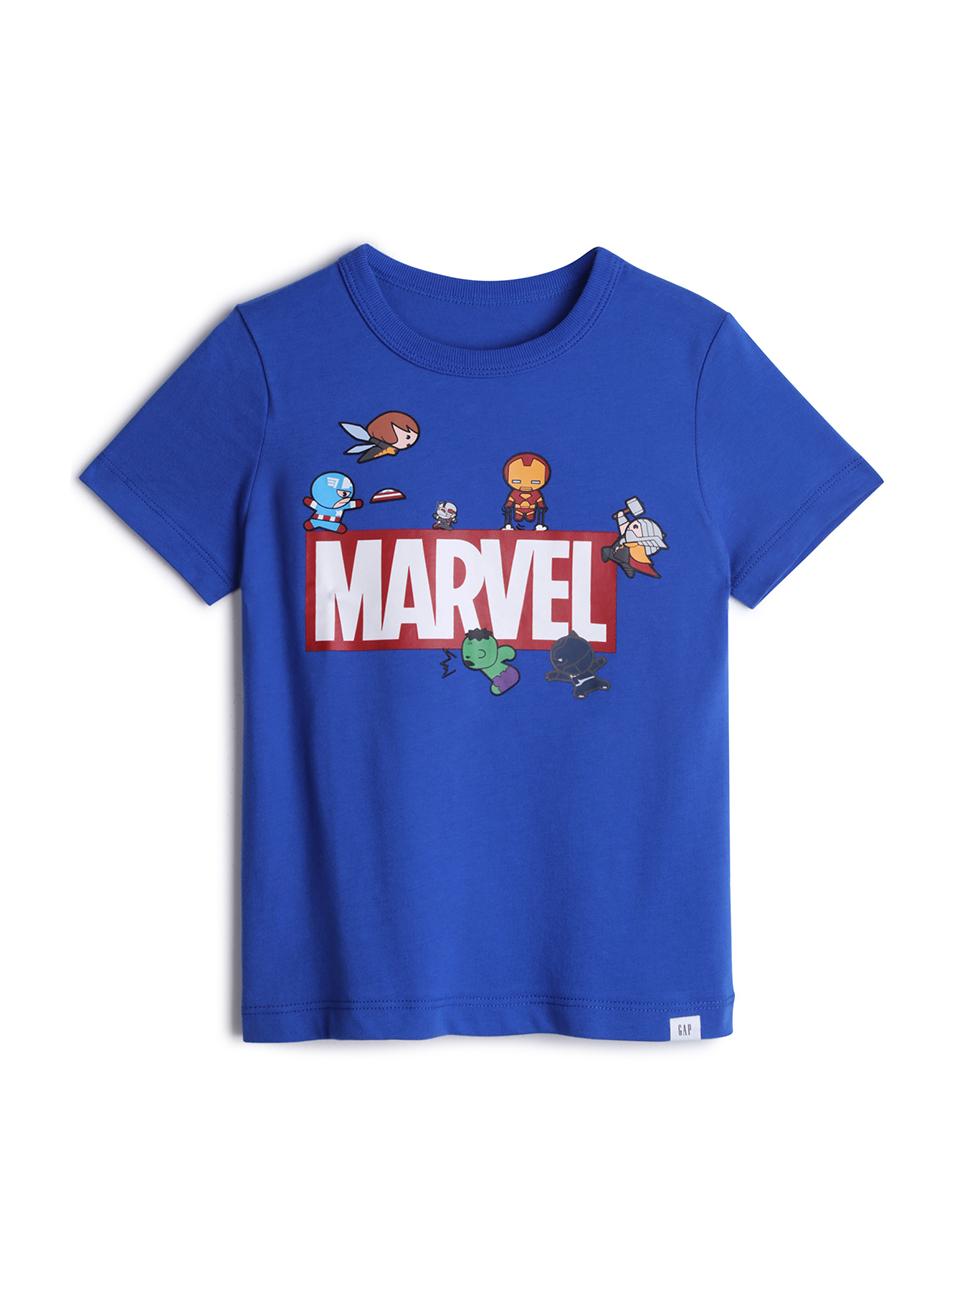 幼童 Gap x Marvel 漫威系列棉質舒適圓領短袖T恤